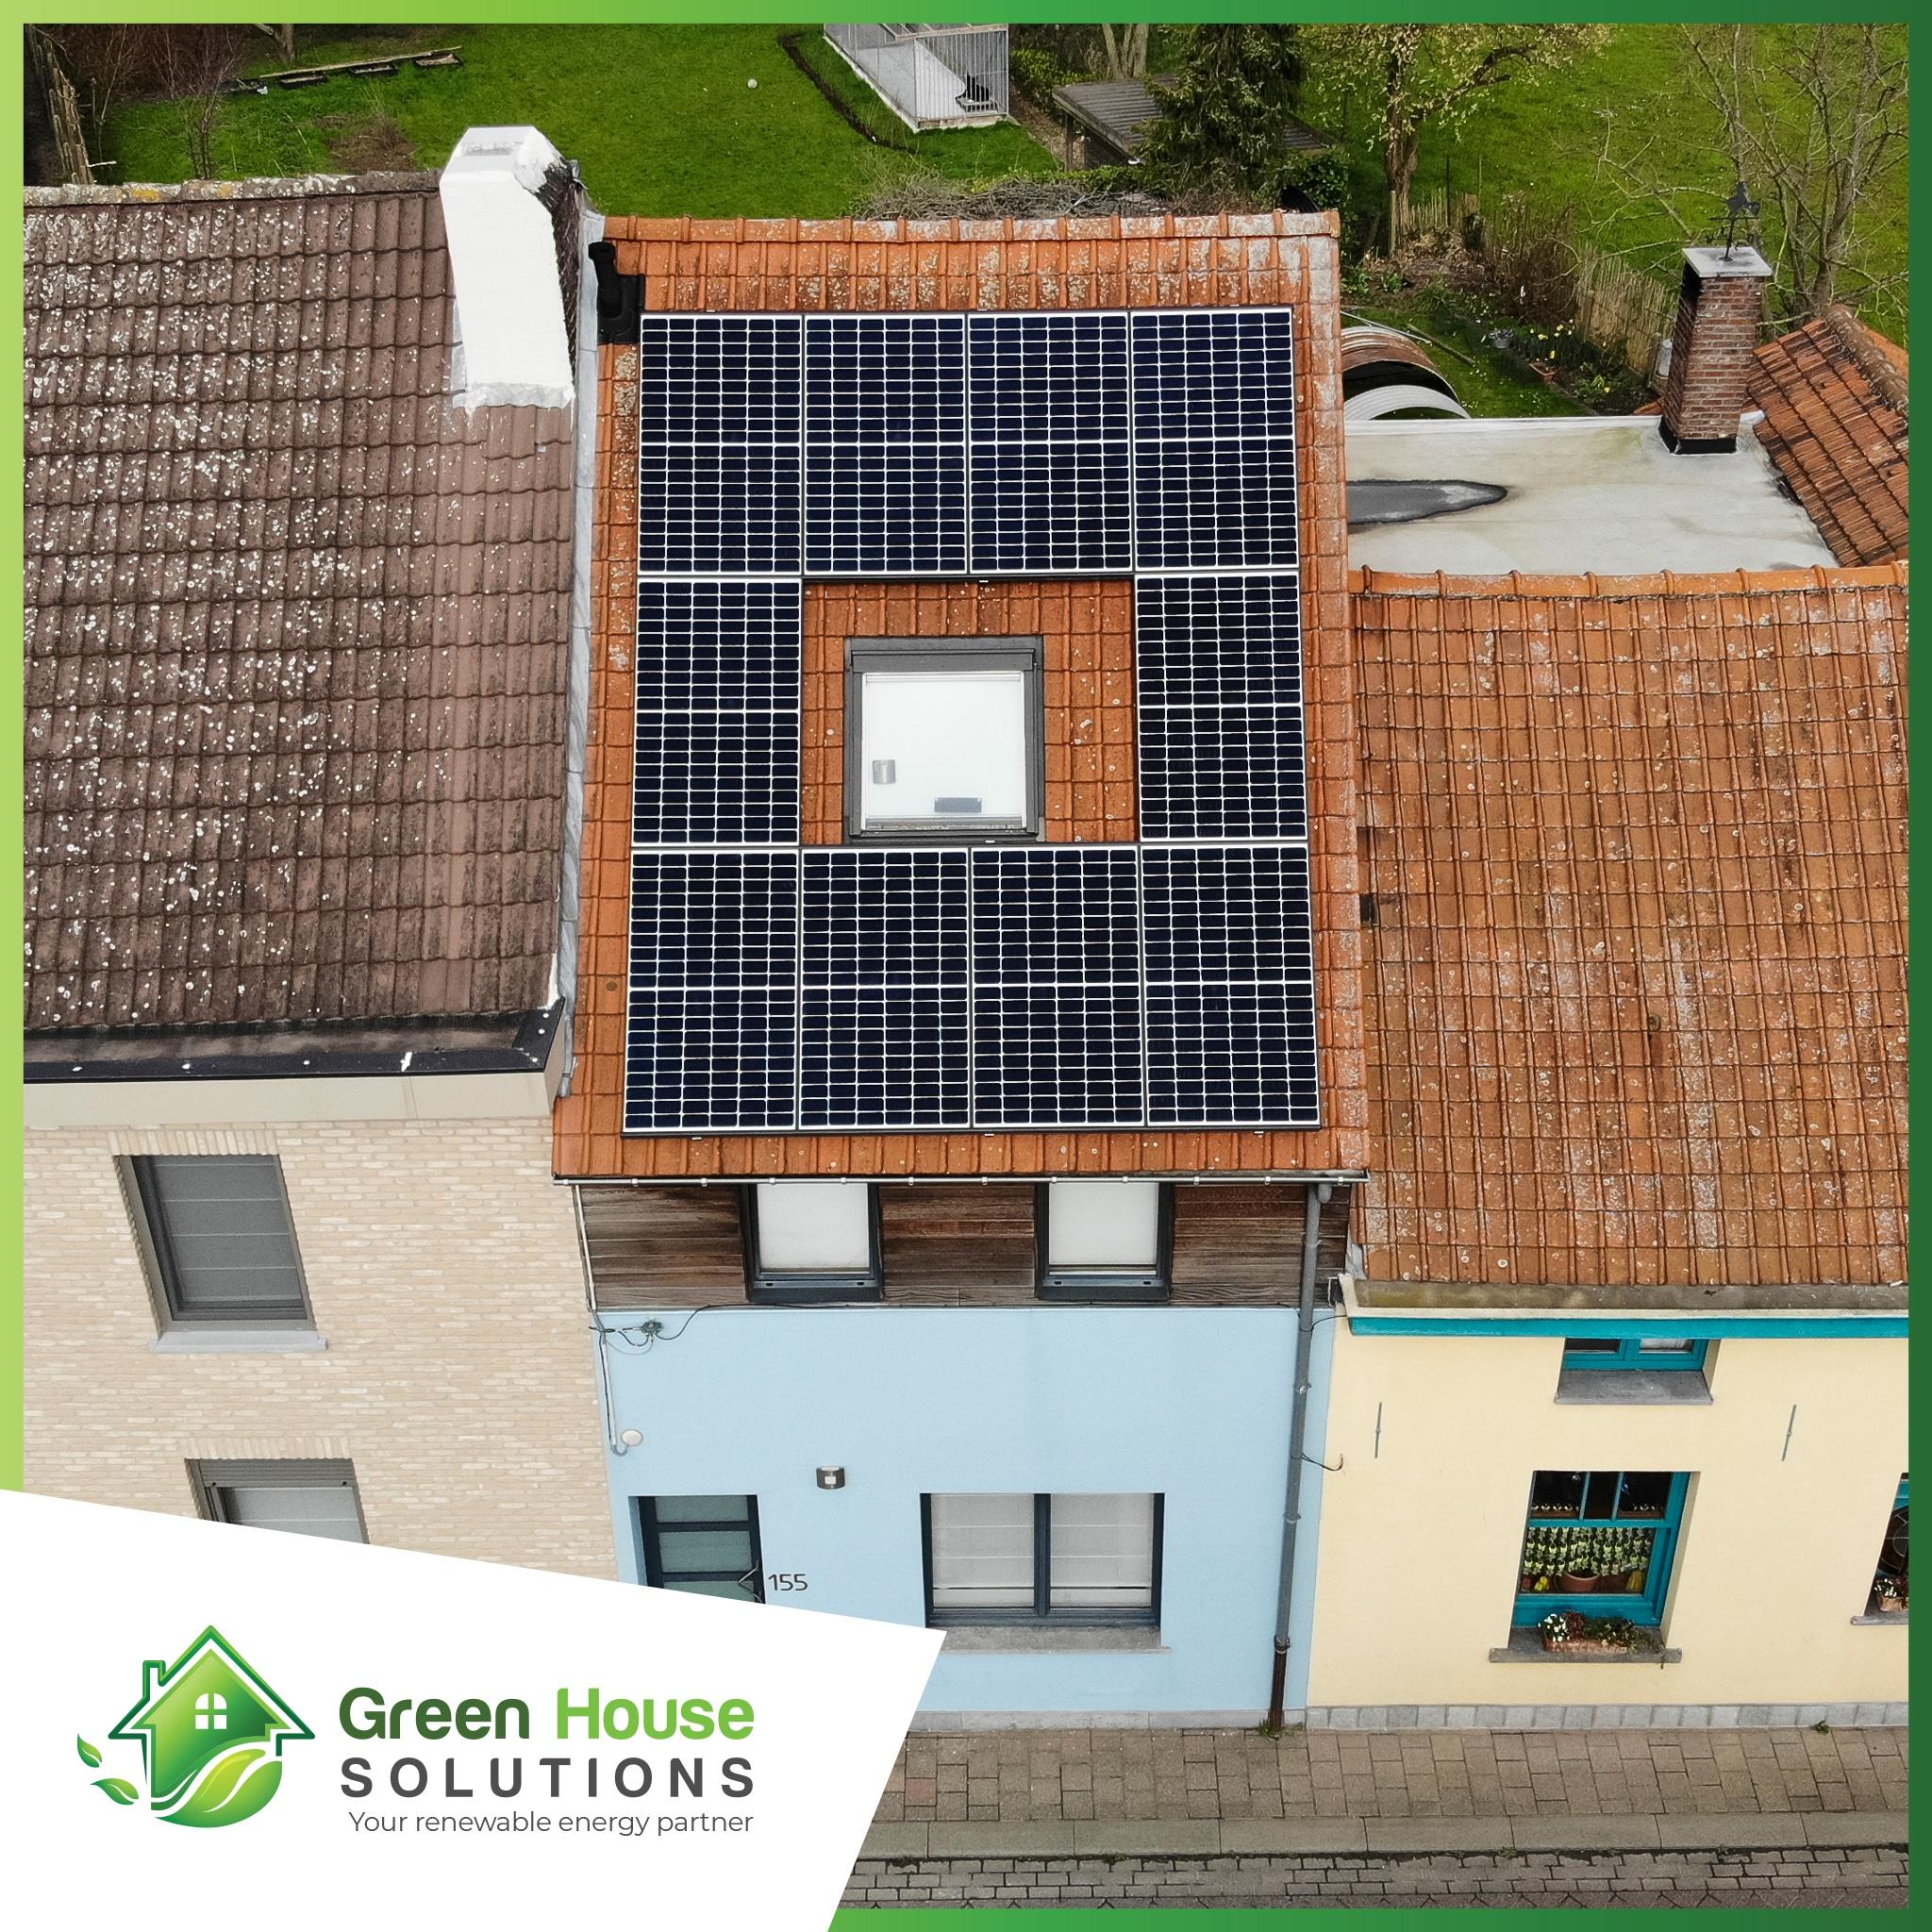 Green House Solutions zonnepanelen plaatsen installeren of kopen 00041